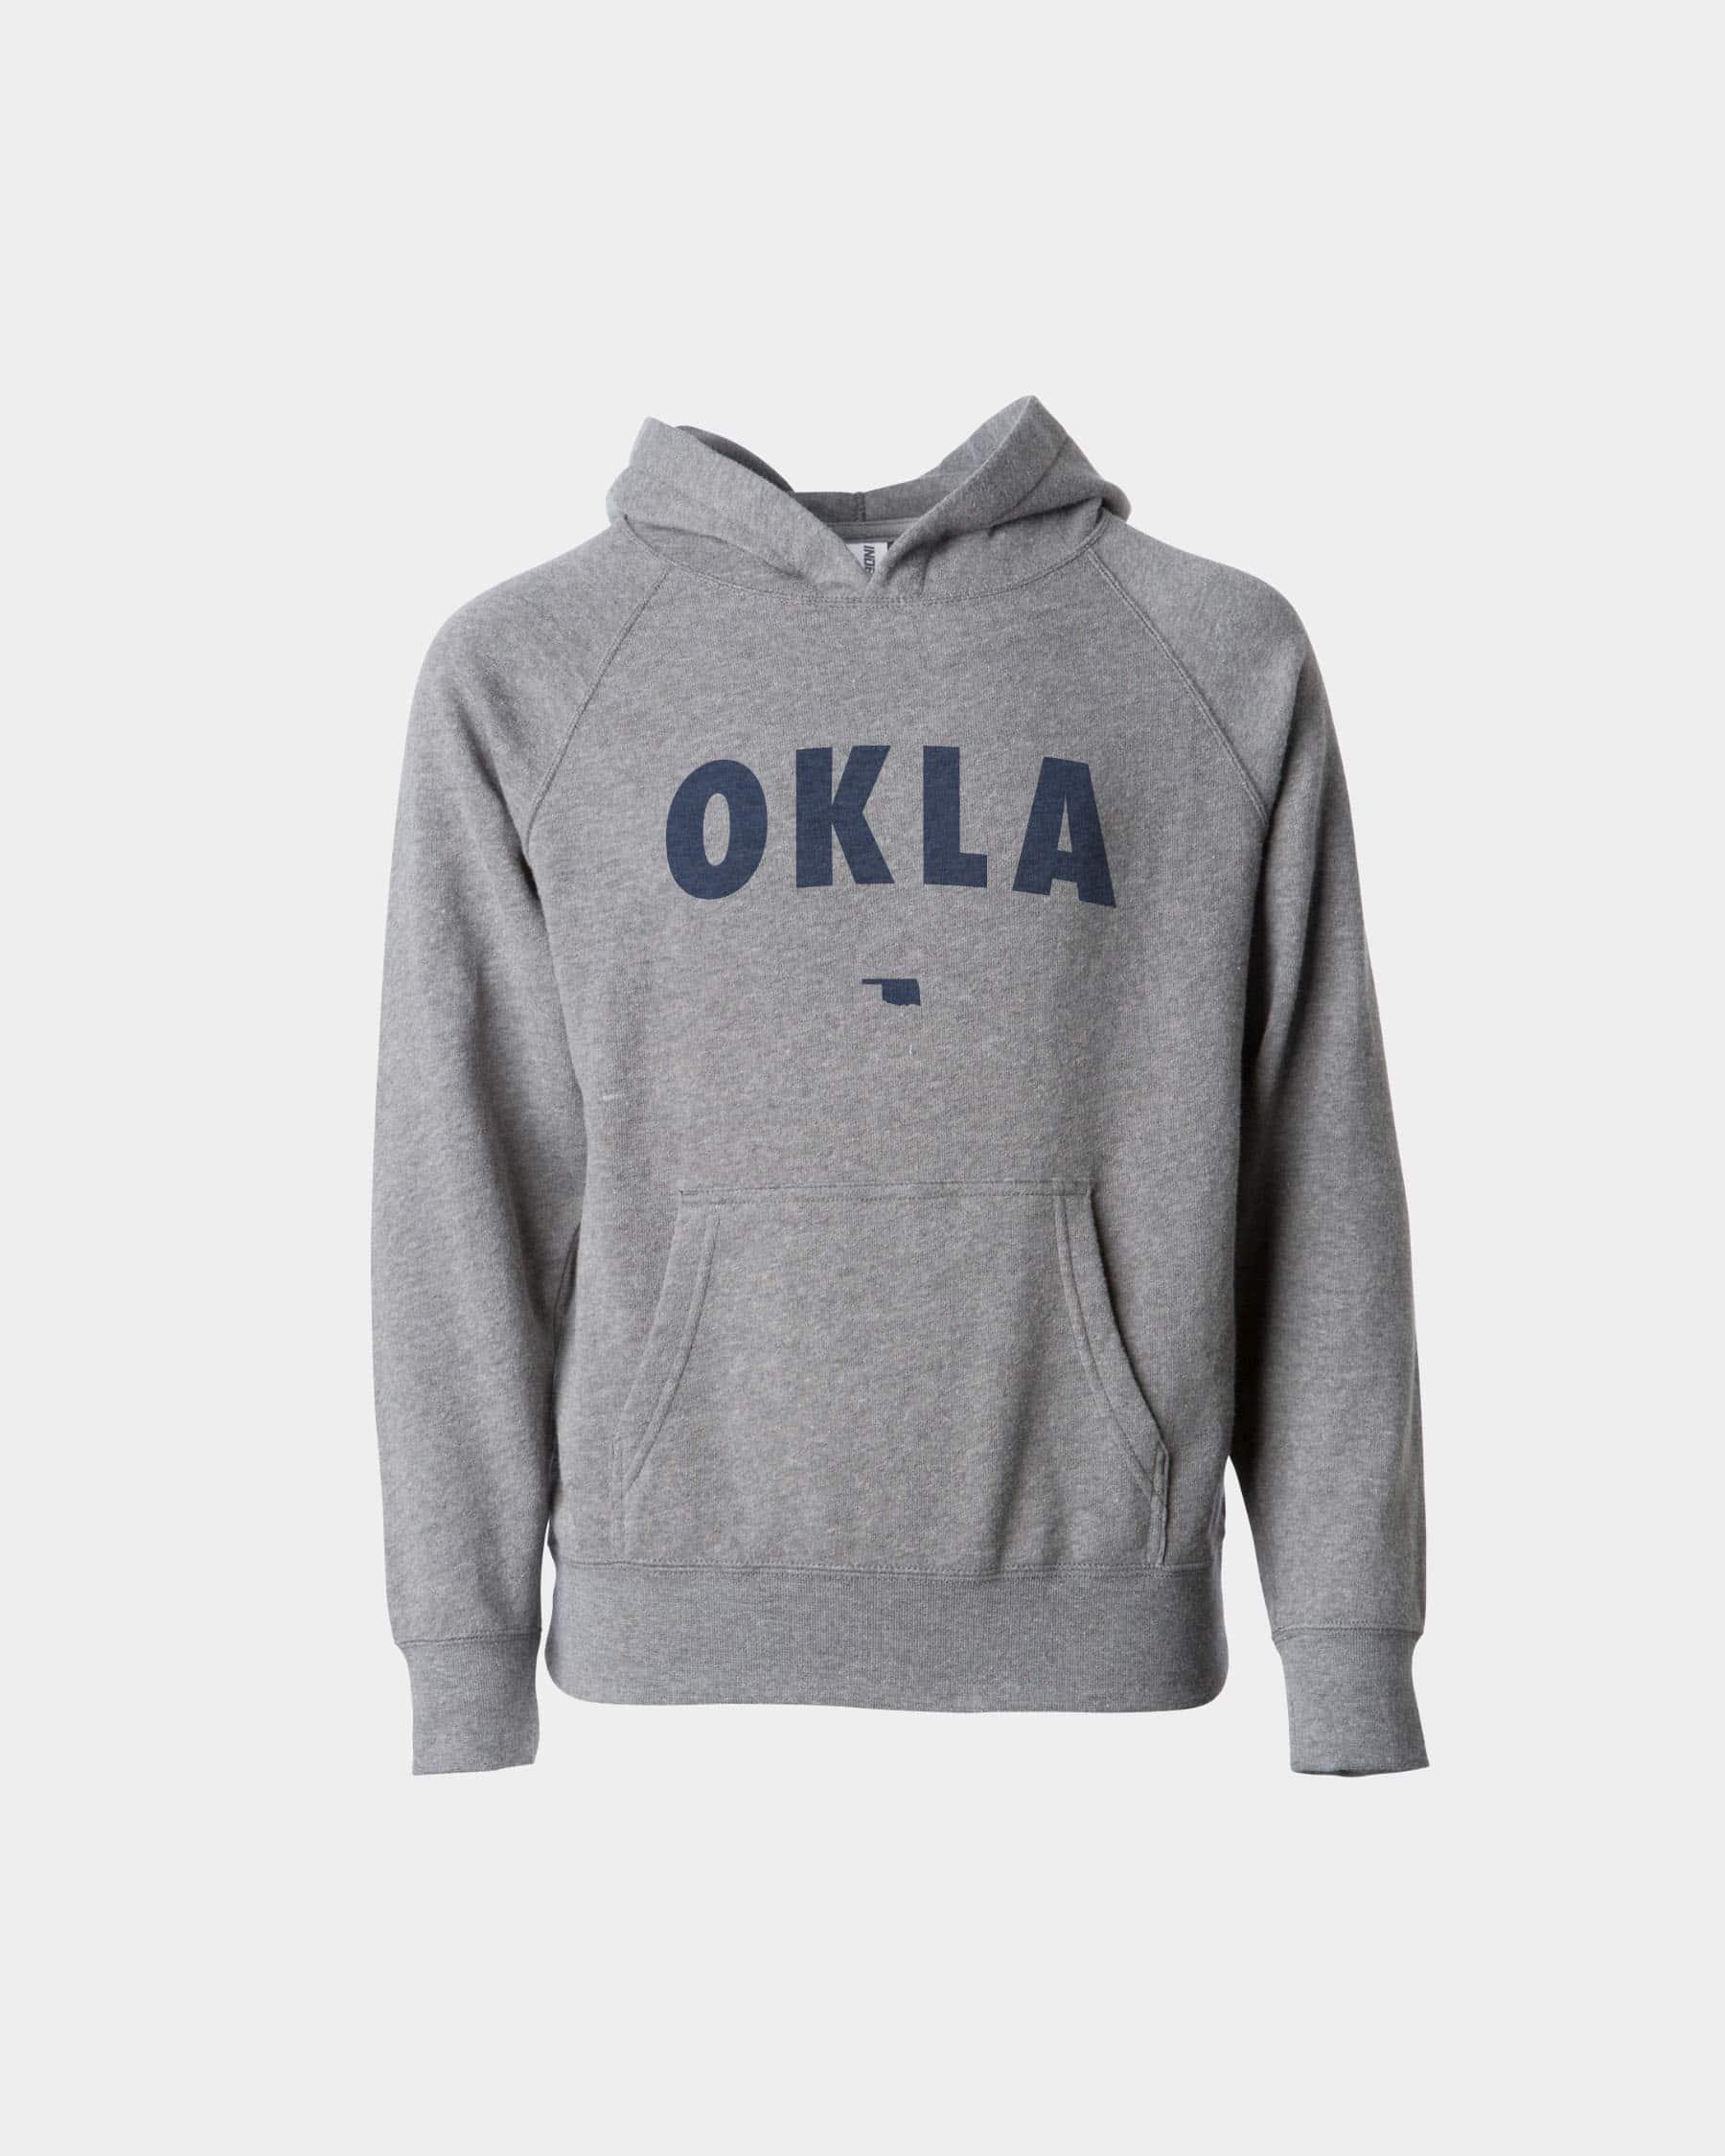 OKLA Kids Pullover Hoodie